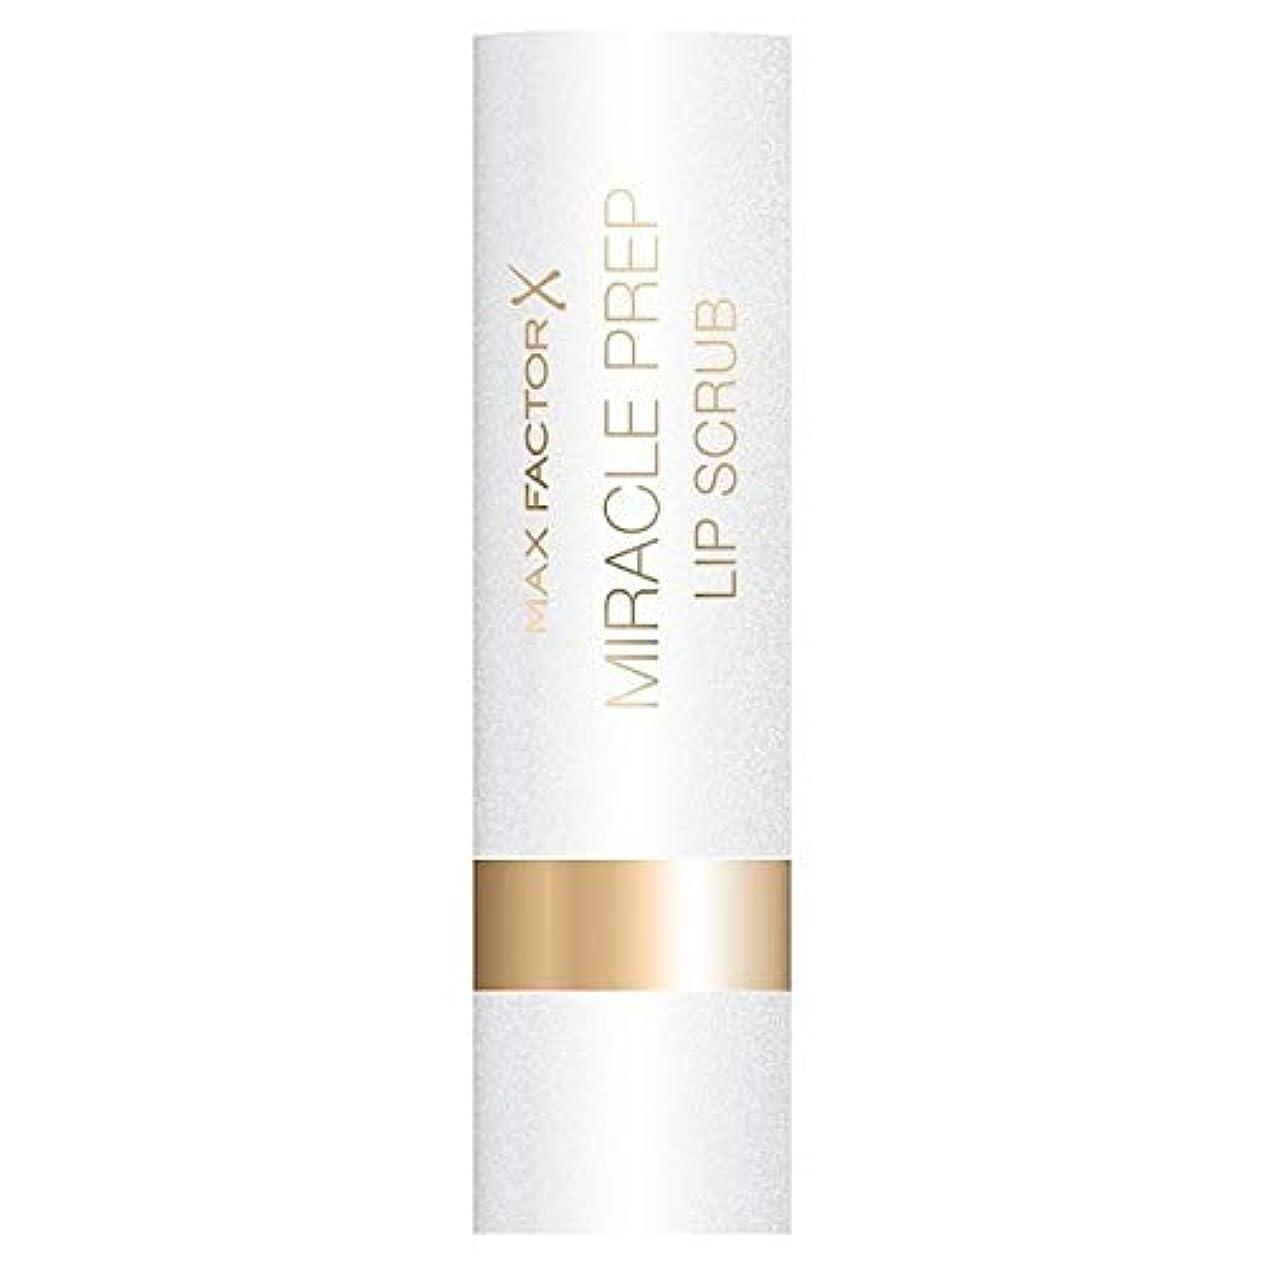 シャッターアンペア割り当てます[Max Factor] マックスファクター奇跡の準備リップスクラブ - Max Factor Miracle Prep Lip Scrub [並行輸入品]